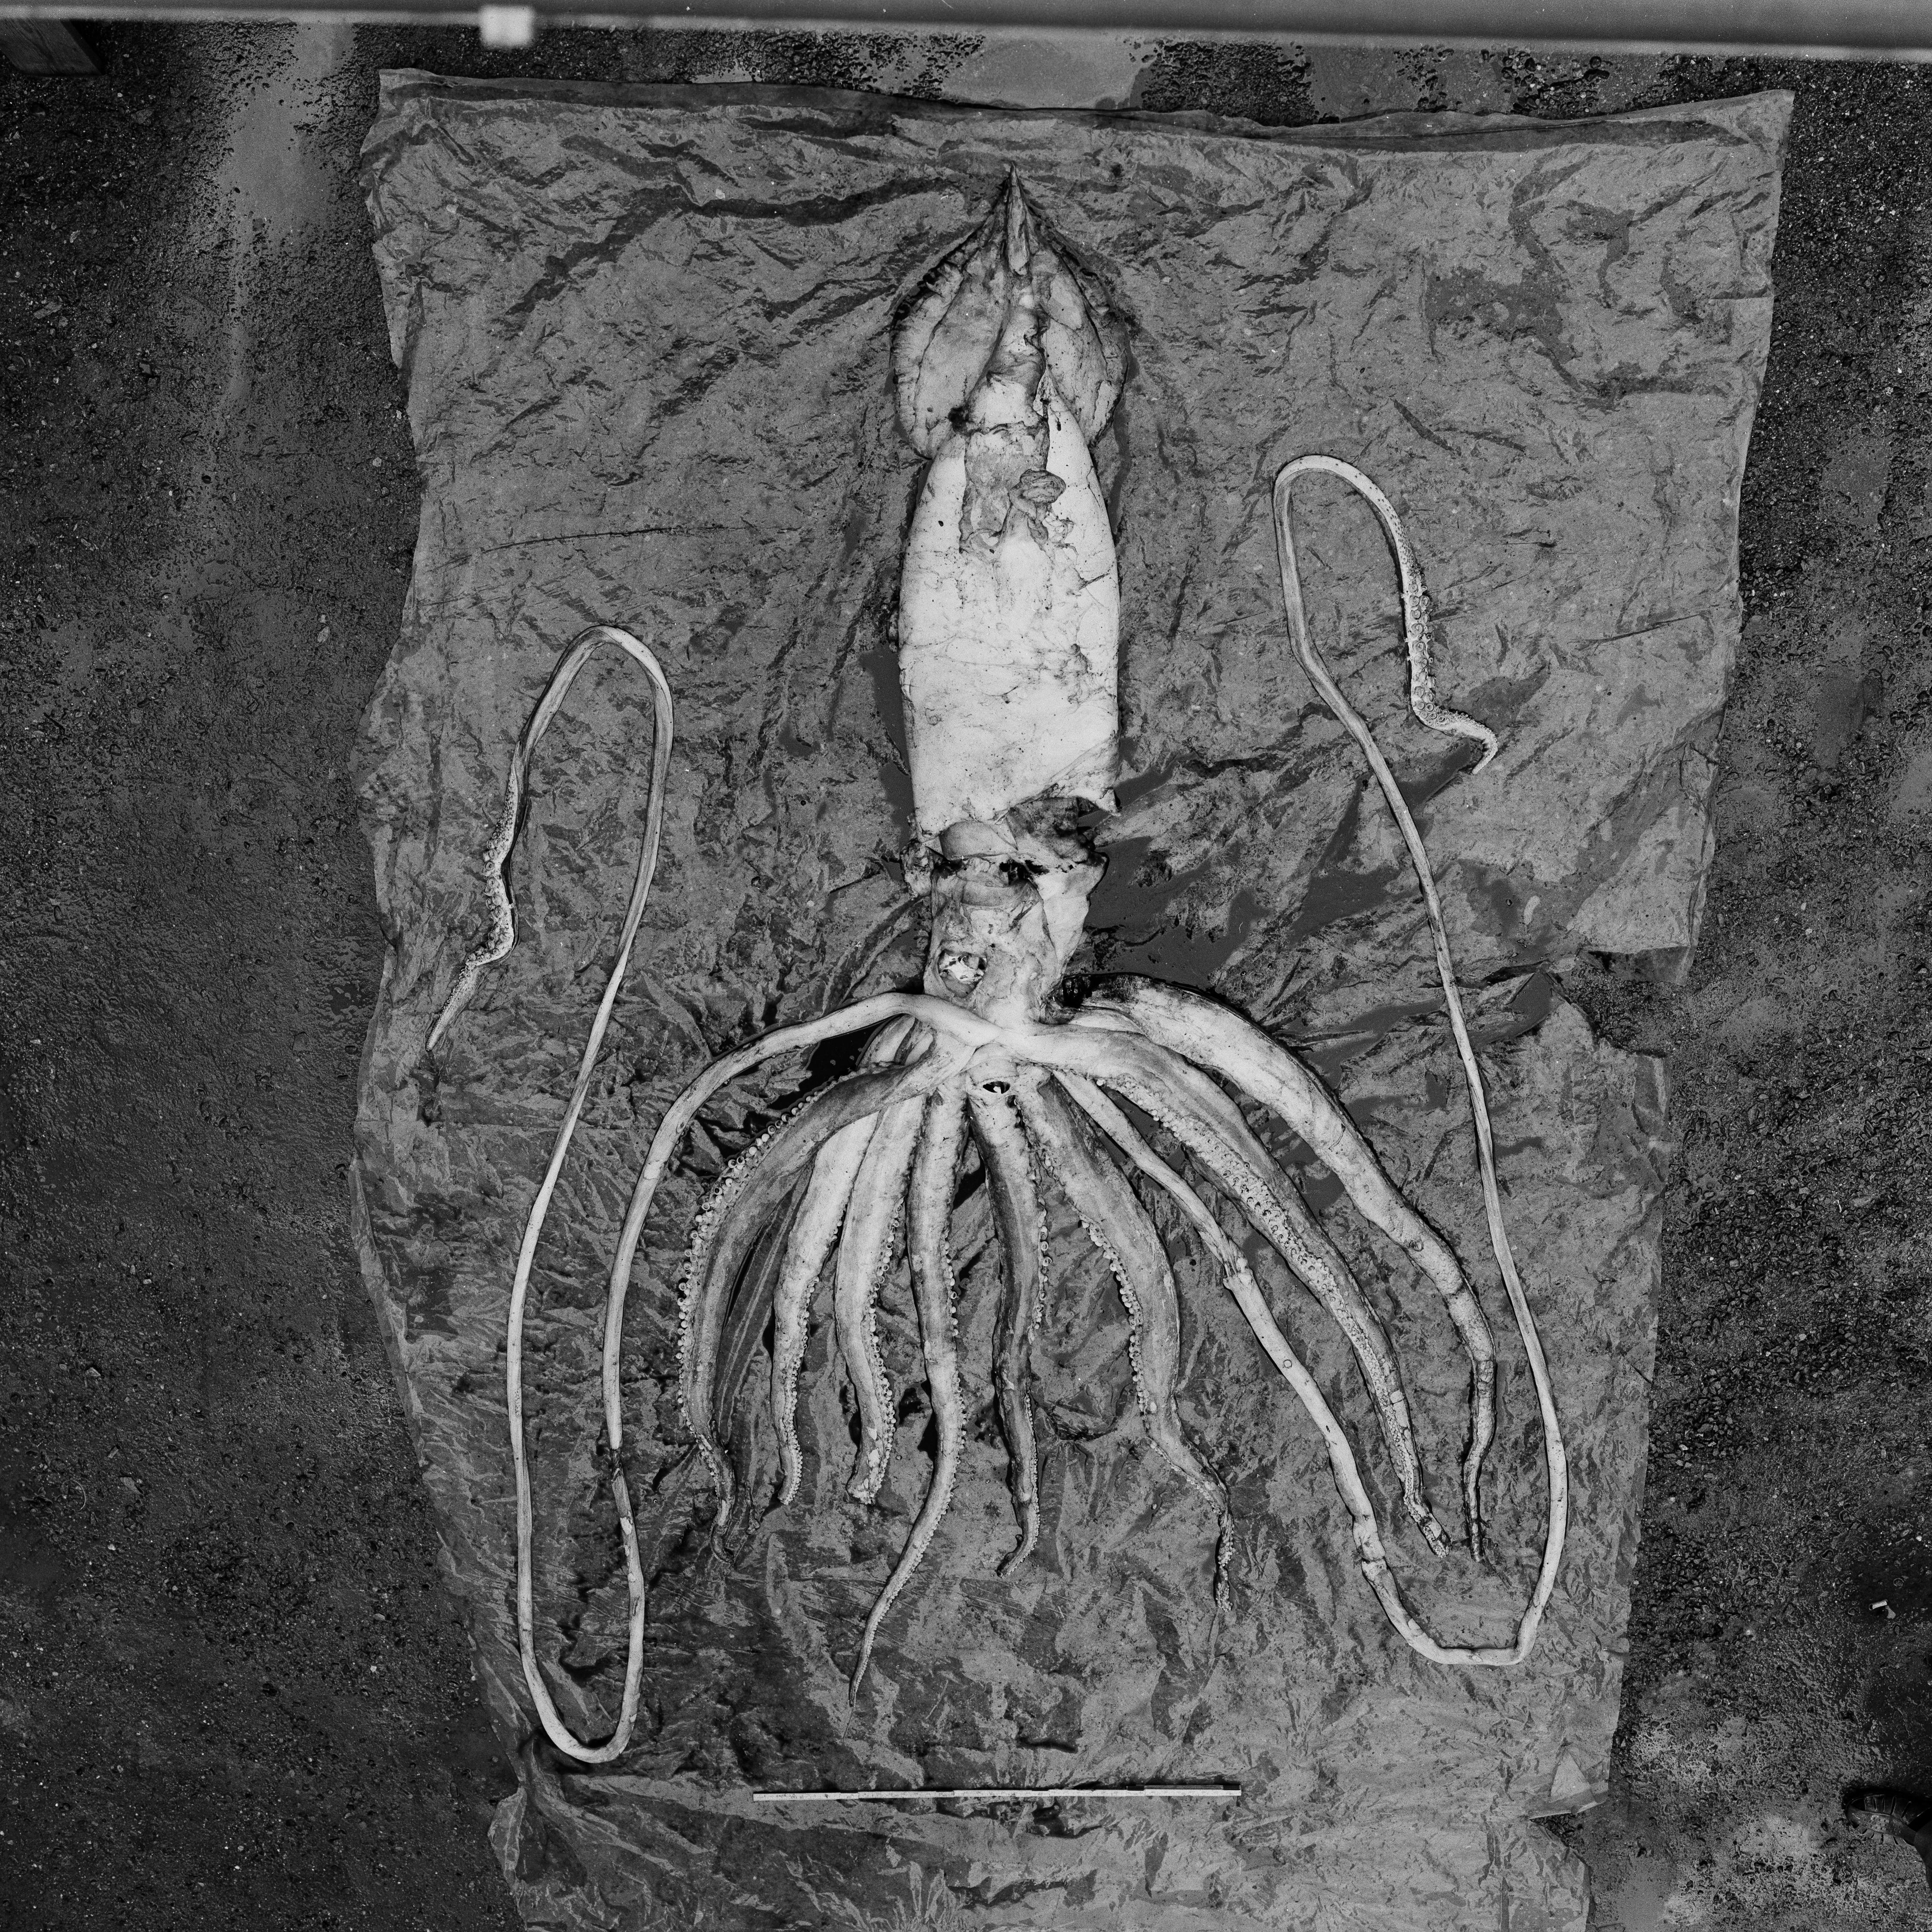 essay on giant squid